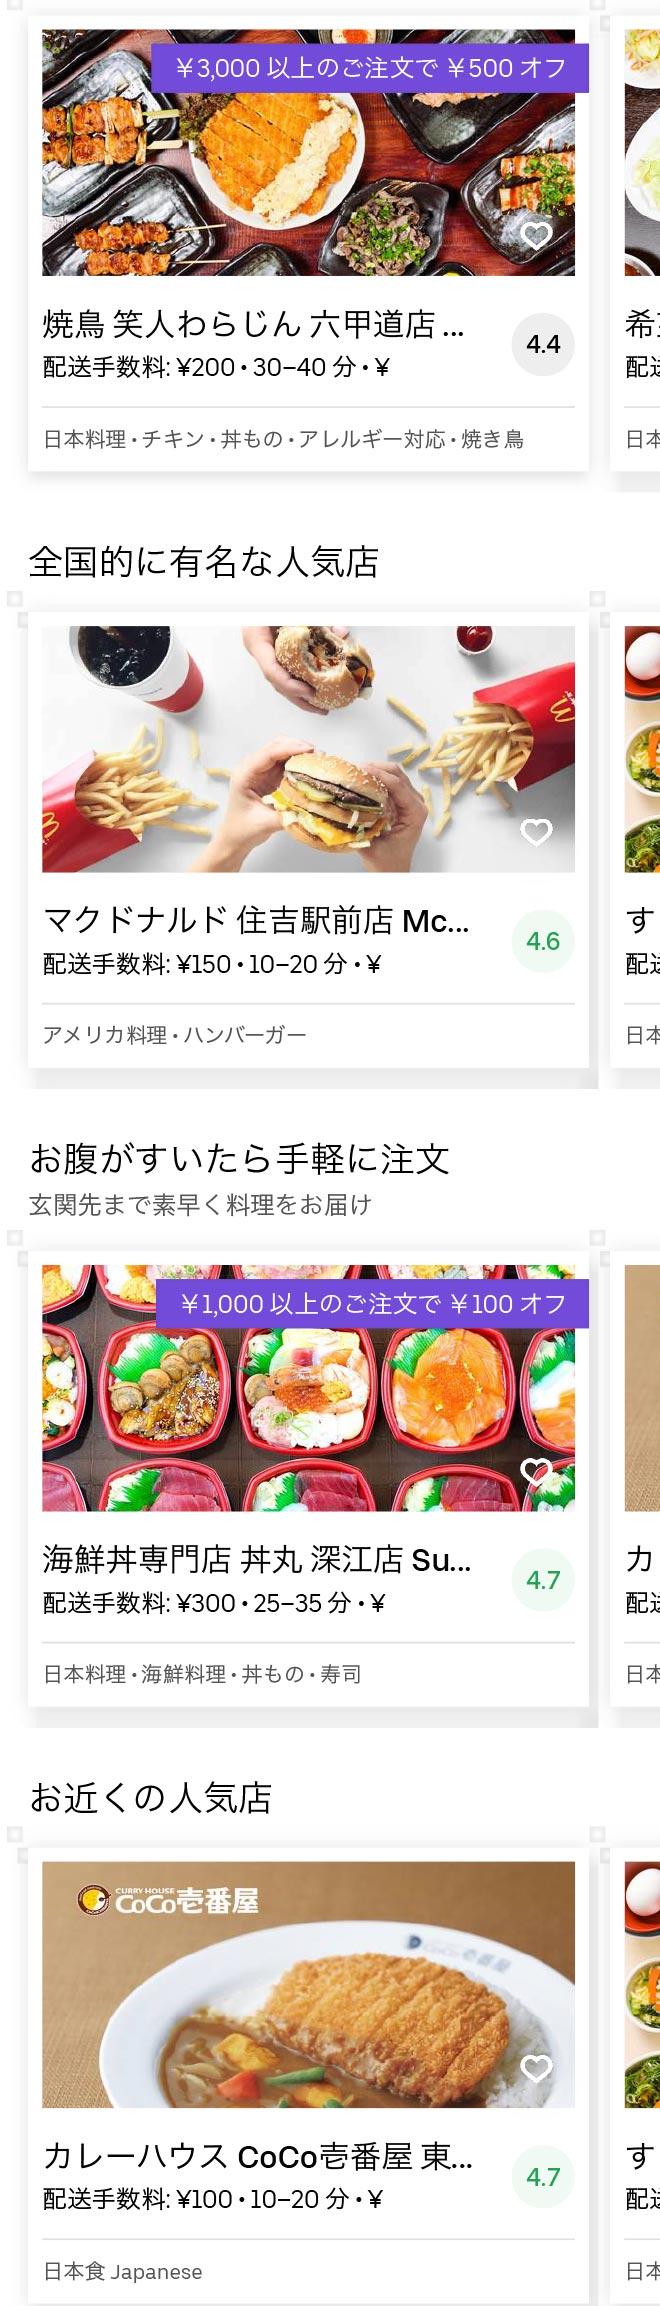 Kobe sumiyoshi menu 2005 01